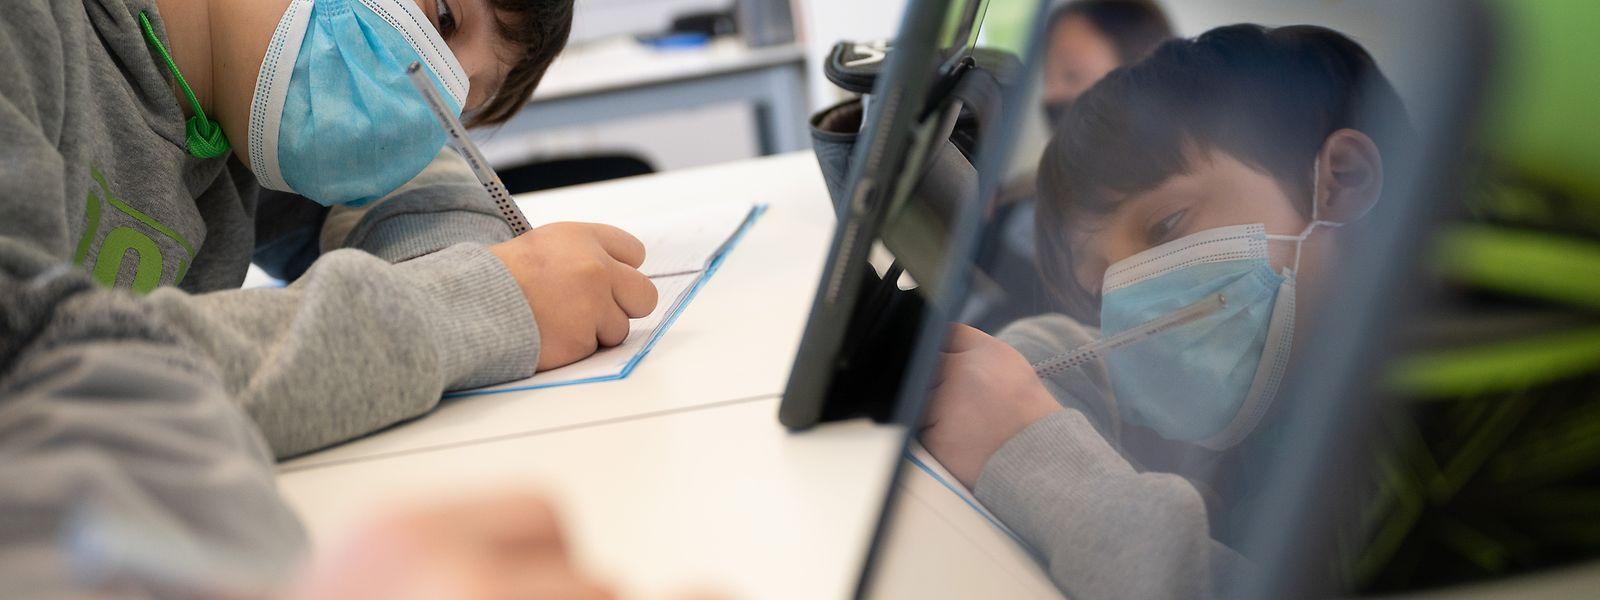 Auch die Schüler müssen sich in Zeiten von Corona an einige Neuerungen gewöhnen.